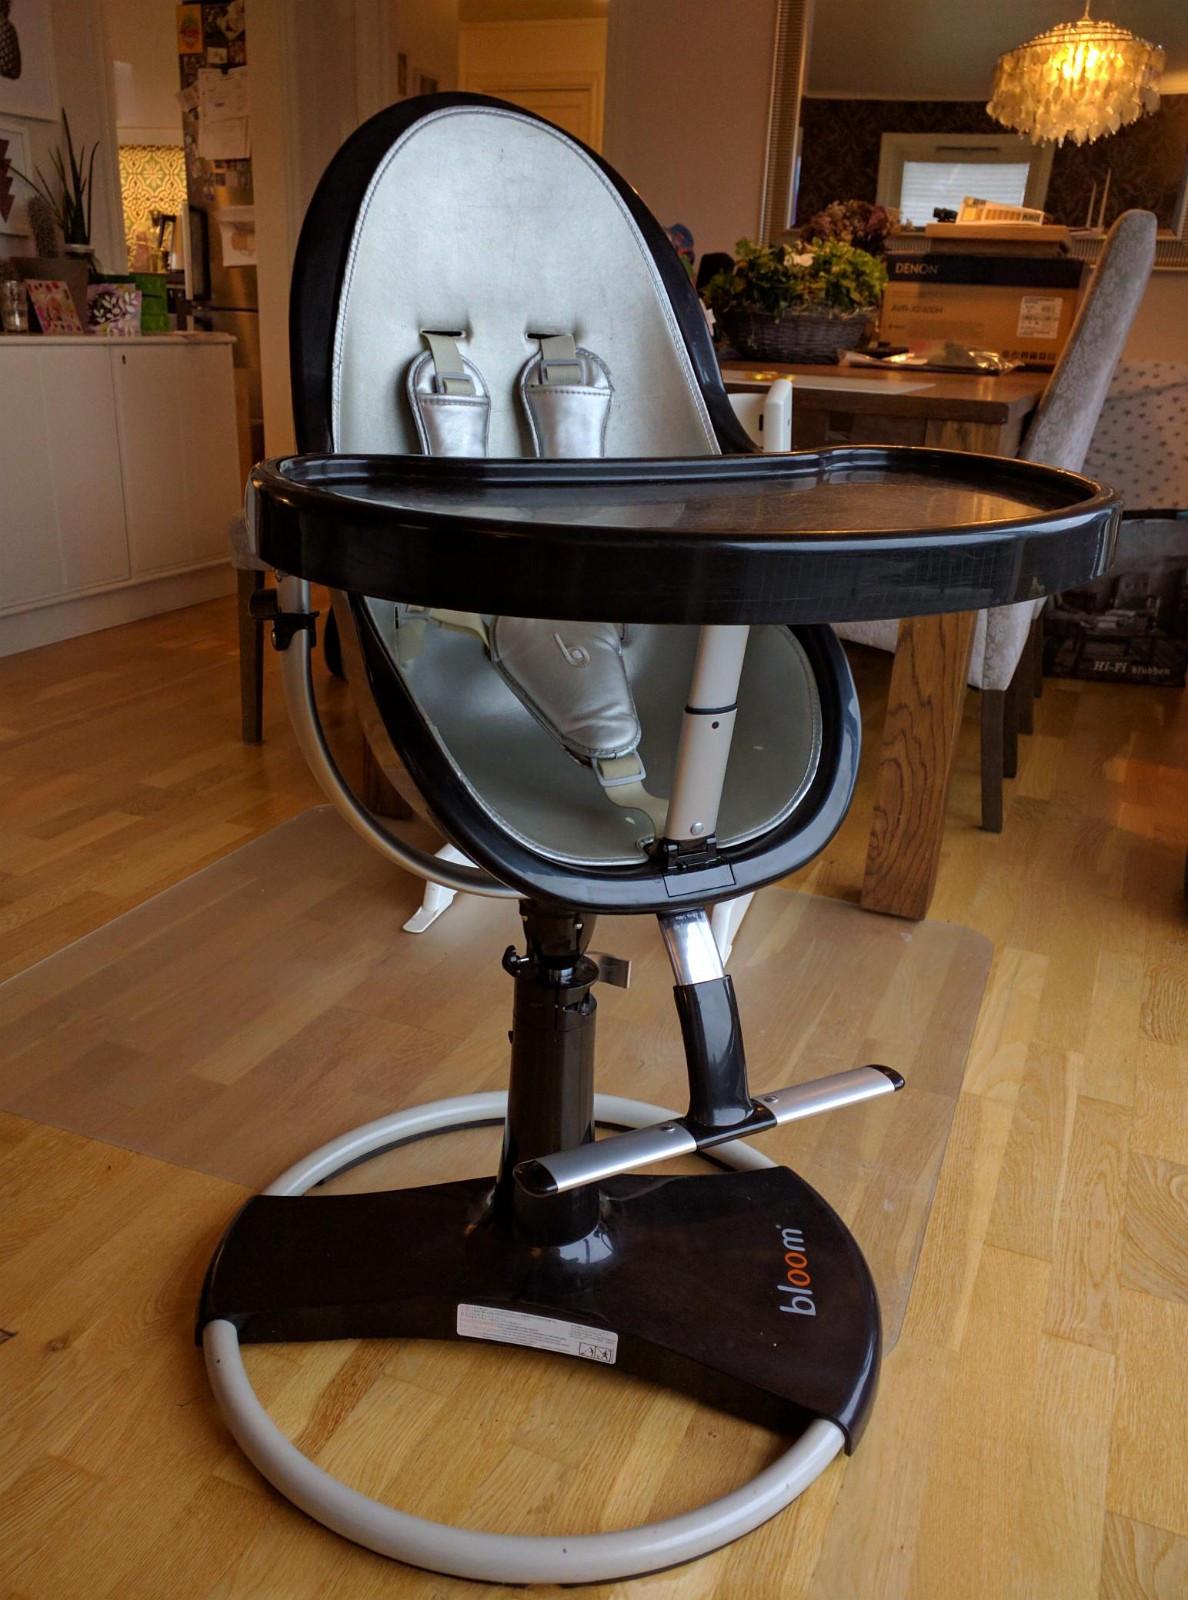 Bloom fresco barnestol - Kleppestø  - Bloom Fresco Highchair.   Barnestol som kan brukes fra nyfødt til 36kg. Både liggende til de minste, og som vanlig sittende for de litt større. Kan stilles i 3 posisjoner. Helt flatt for nyfødte, bakoverlent og som vanlig stol. Kommer me - Kleppestø